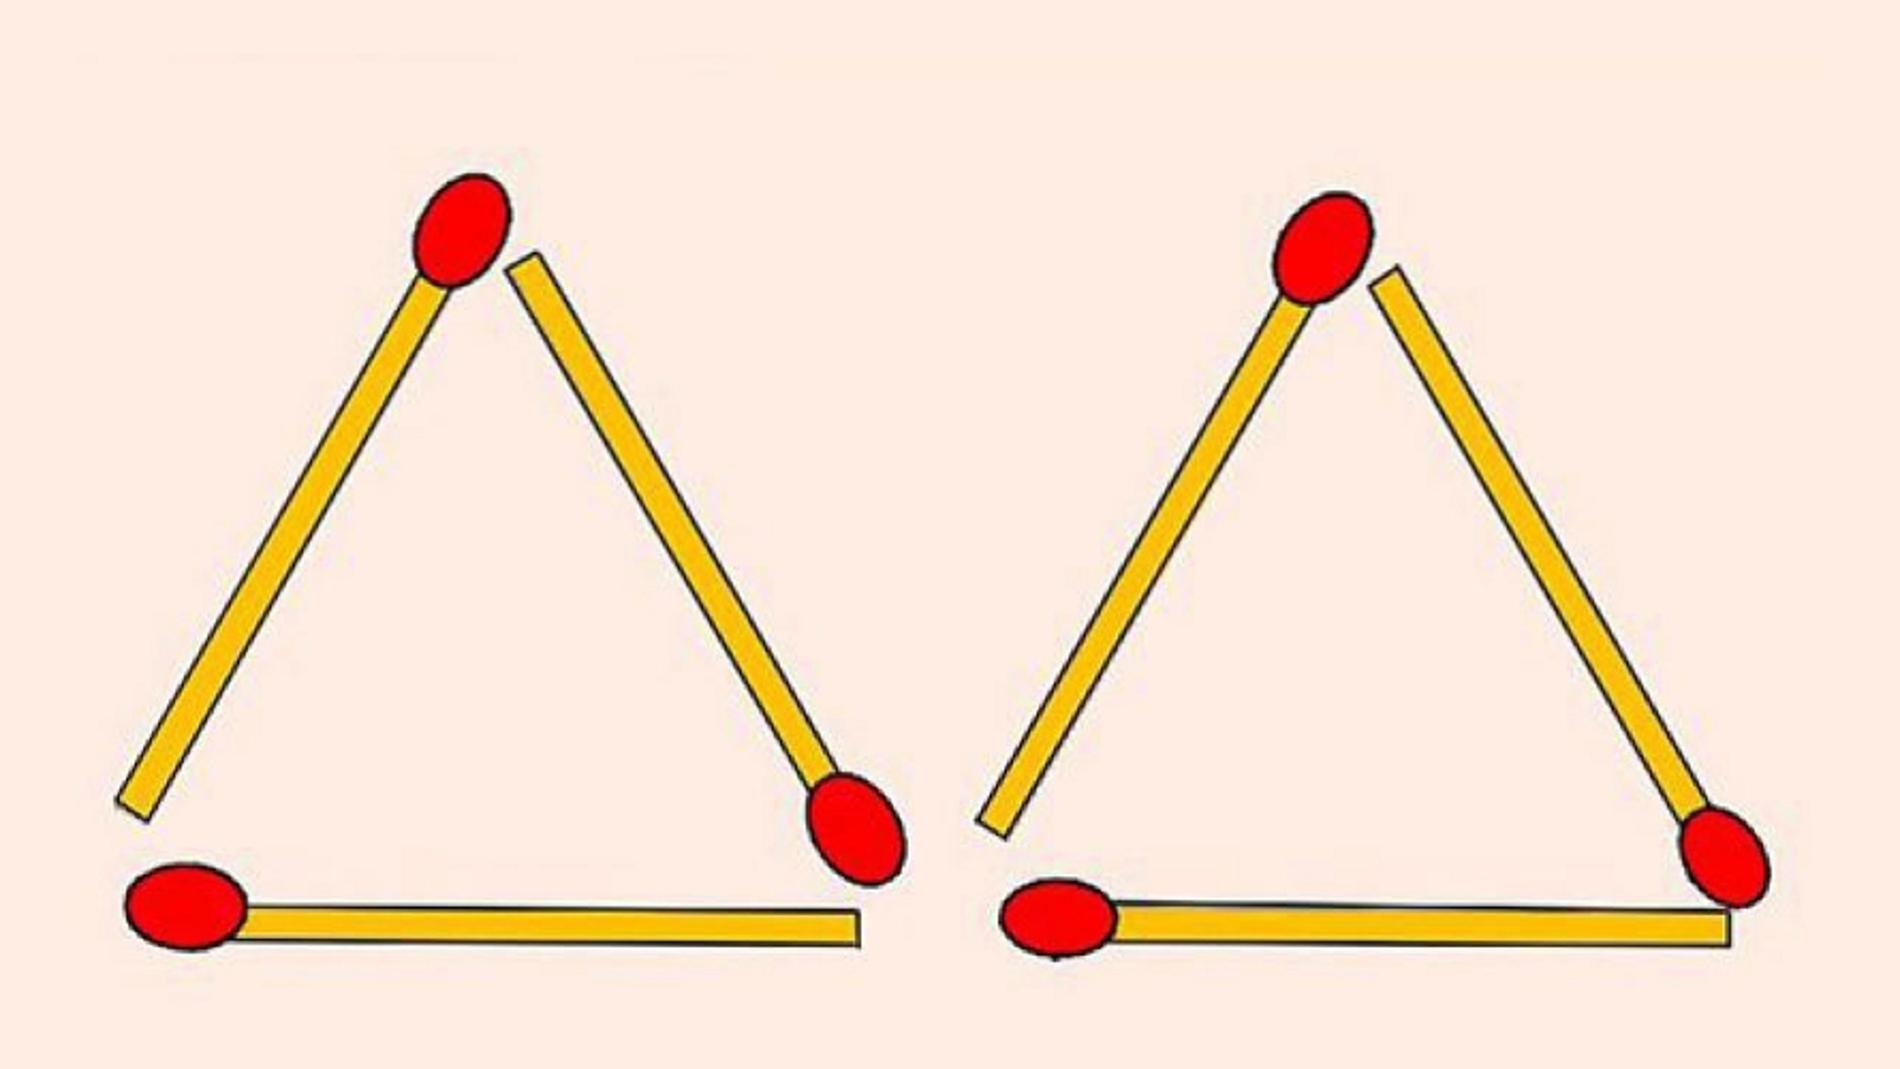 trianguloscerillas.jpg